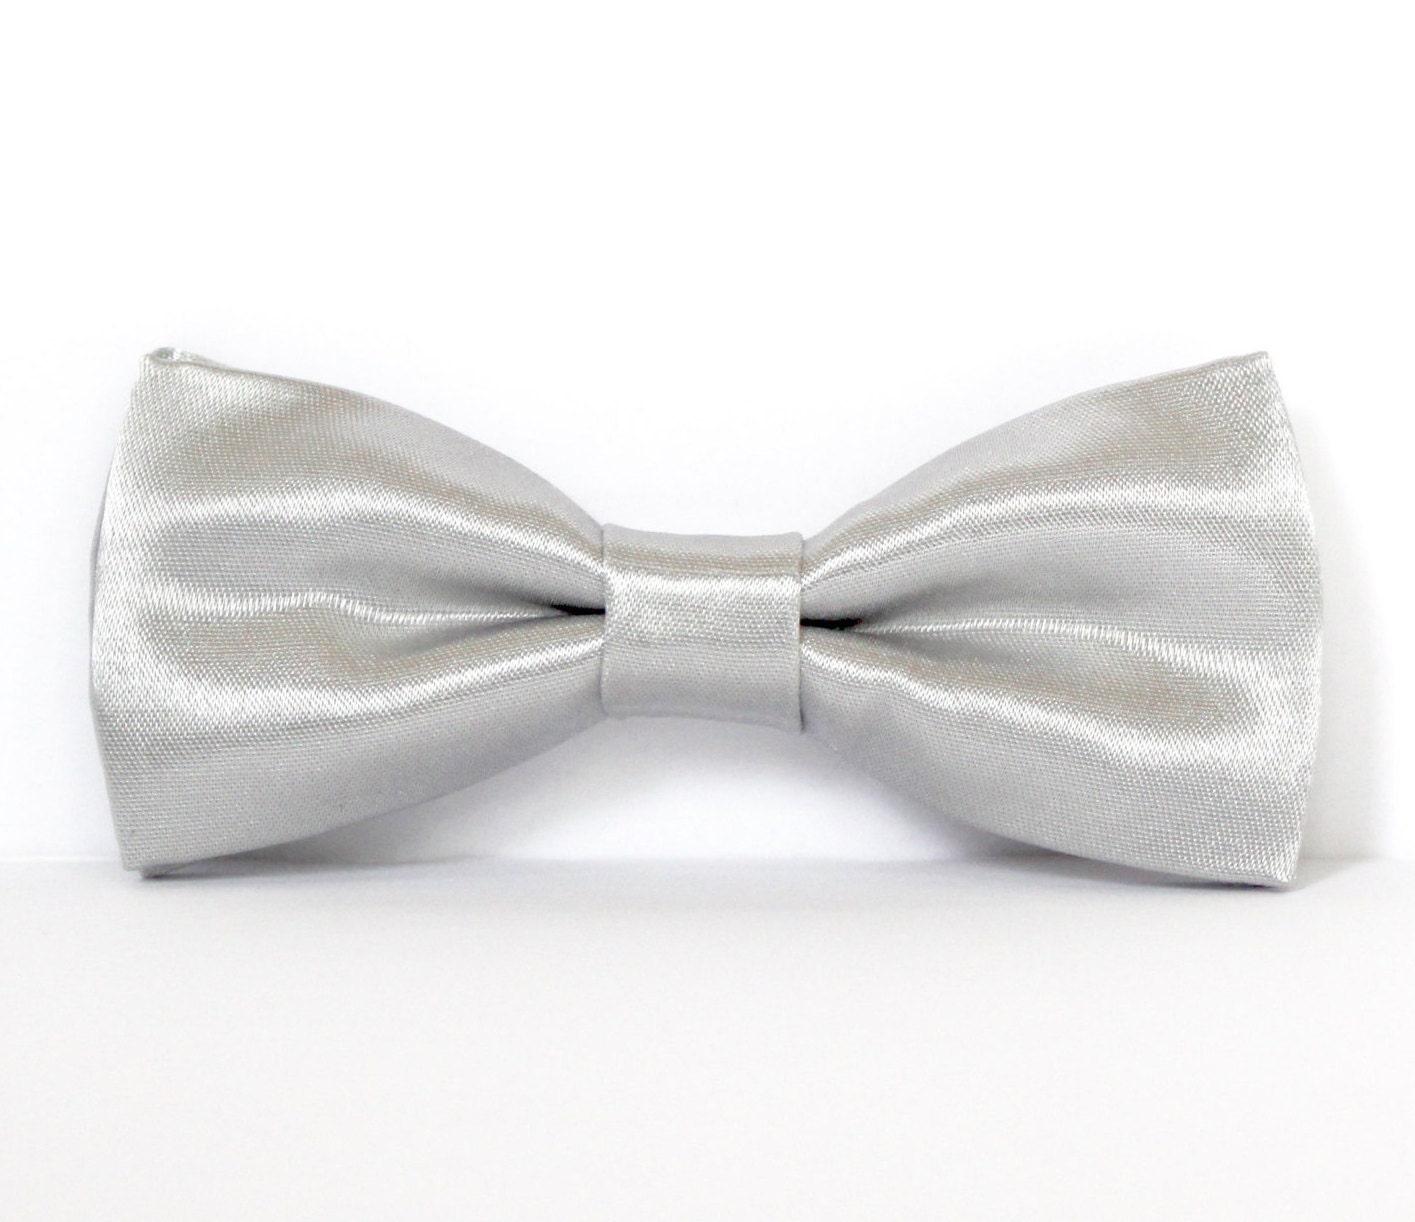 Silver Bow Tie Shiny Silver Bow Tie Grey Groomsmen Bow Ties